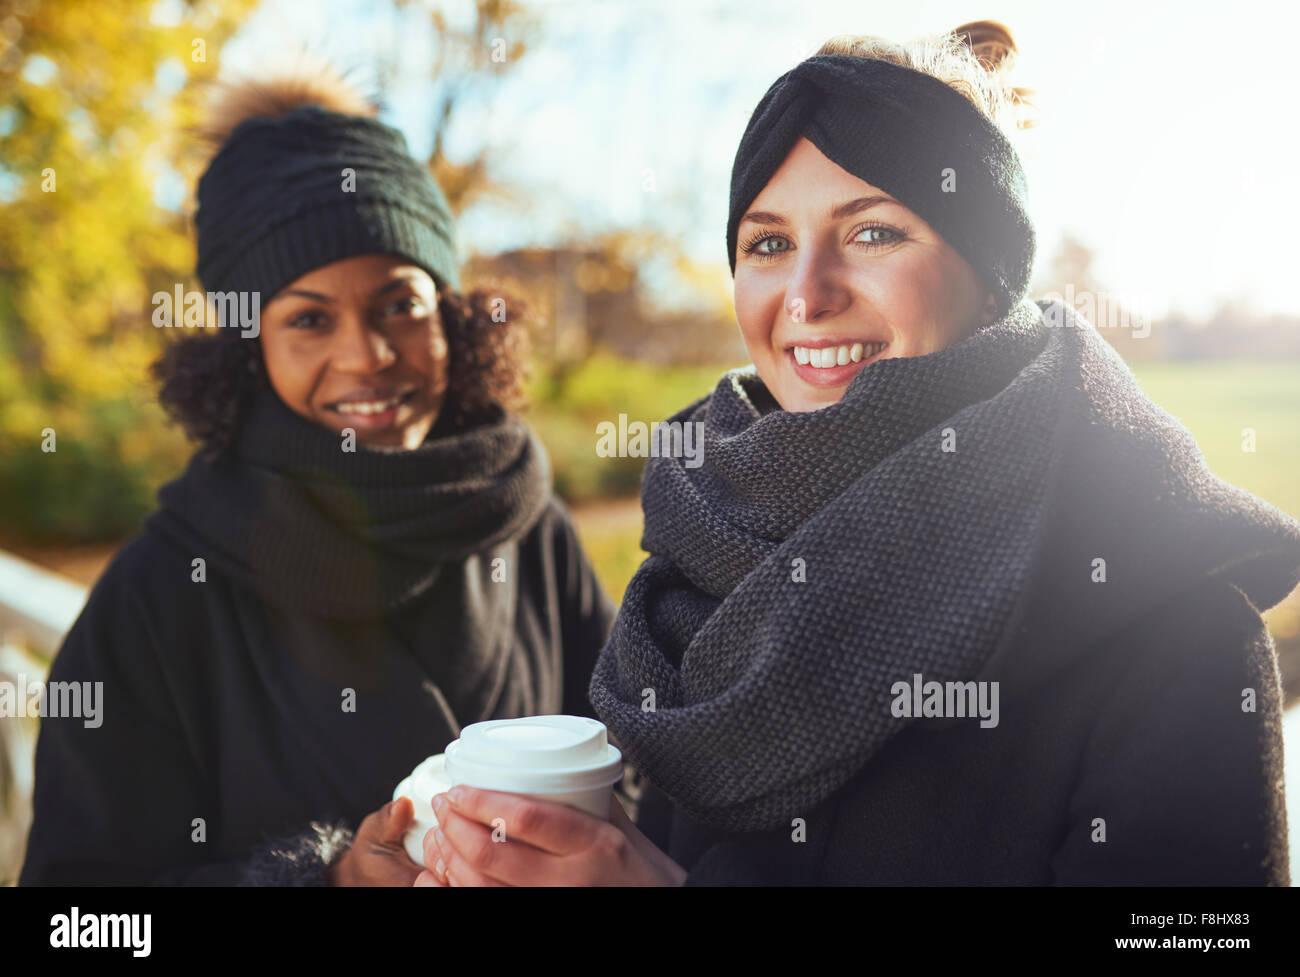 Due amiche guardando la fotocamera e sorridenti mentre si tiene il caffè per andare Immagini Stock